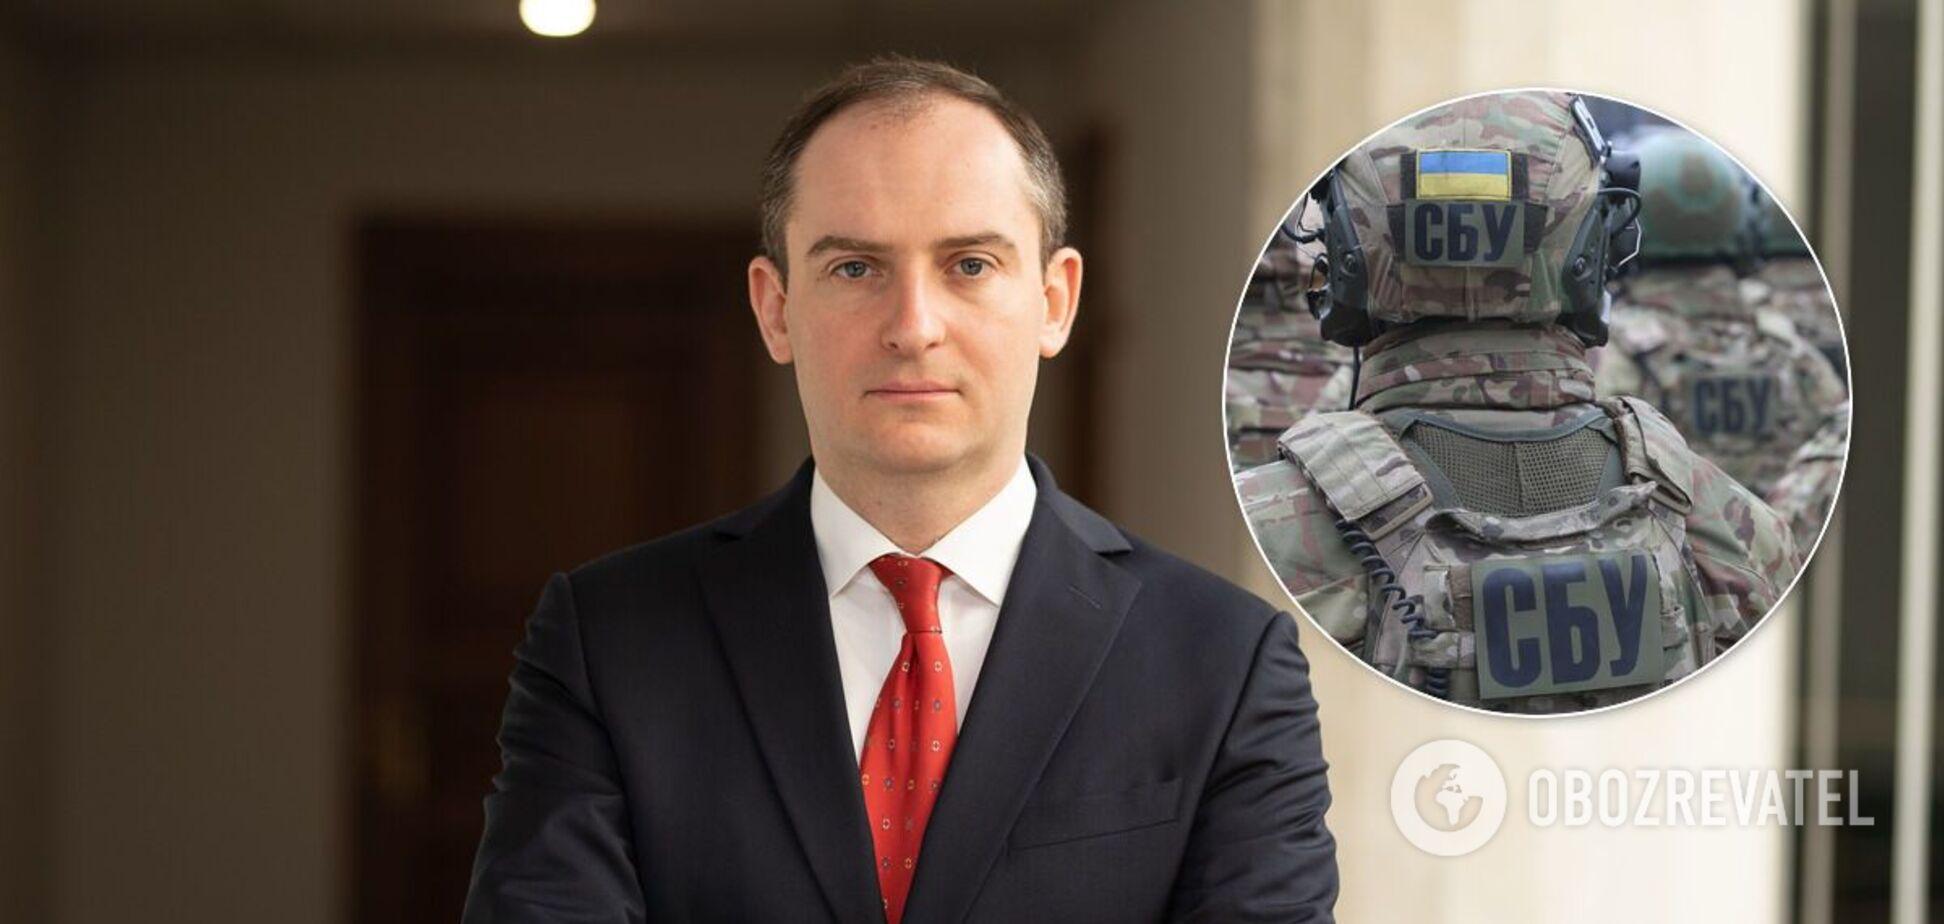 Ексголова податкової Верланов назвав фейком інформацію про затримання СБУ